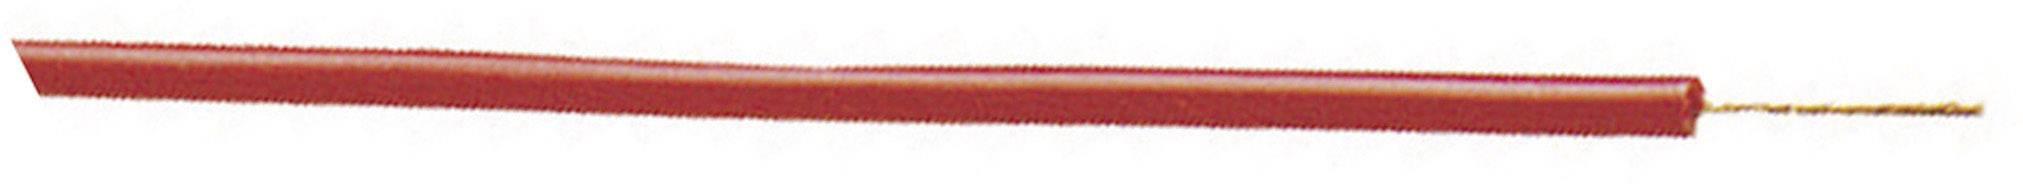 Opletenie / lanko Stäubli 61.7550-00129 SILI-E, 1 x 0.15 mm², vonkajší Ø 1 mm, metrový tovar, biela